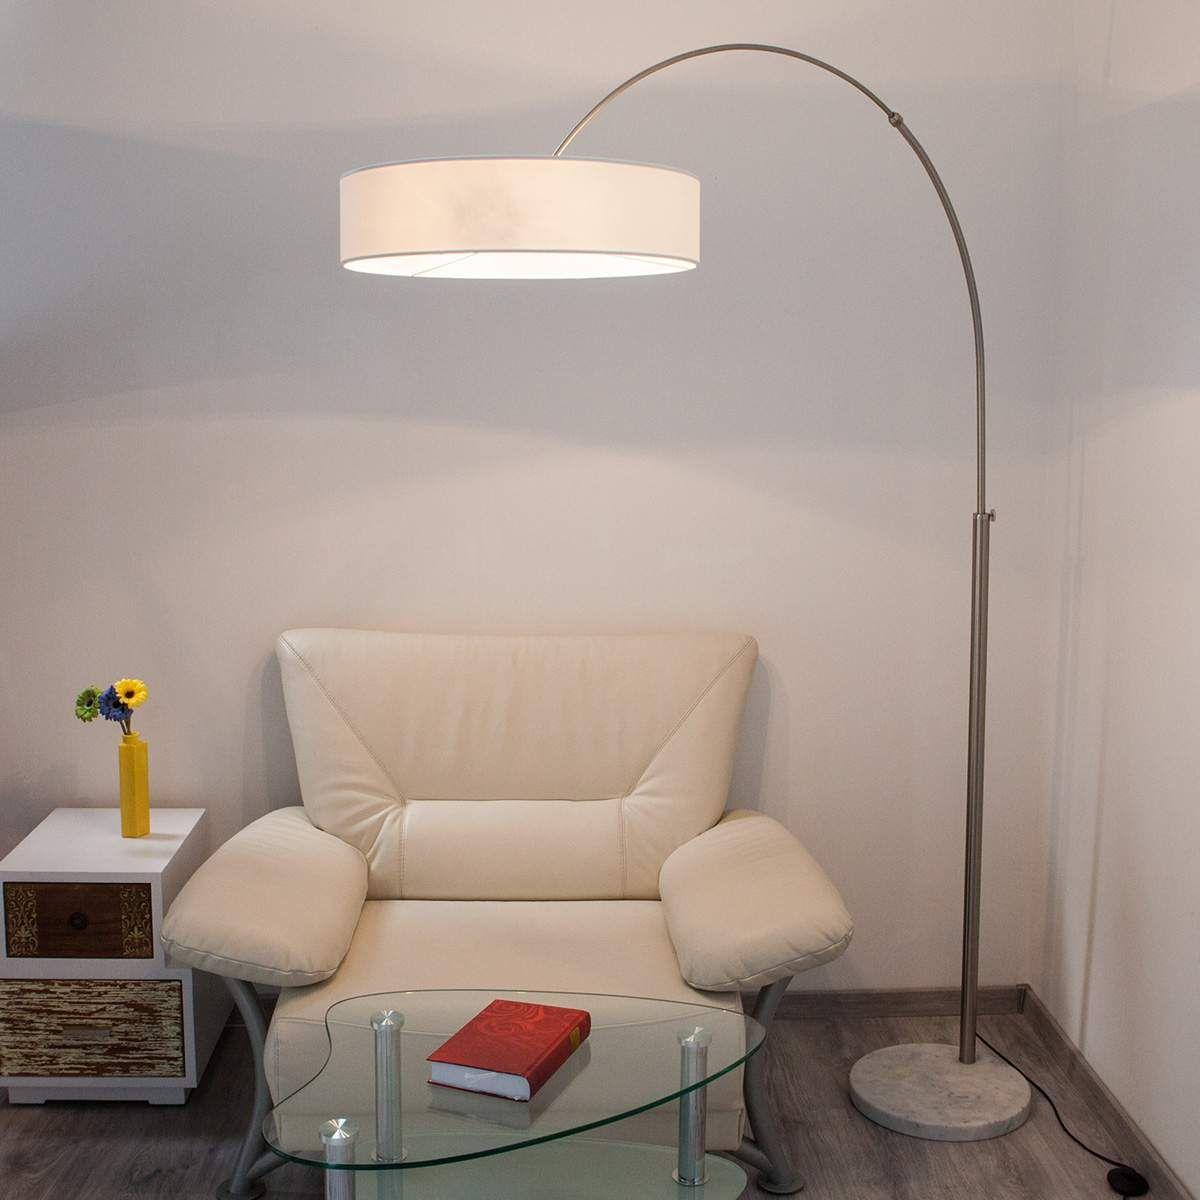 Weiße Textilstehleuchte Shing  Bodenlampe, Wohnzimmerlampe und